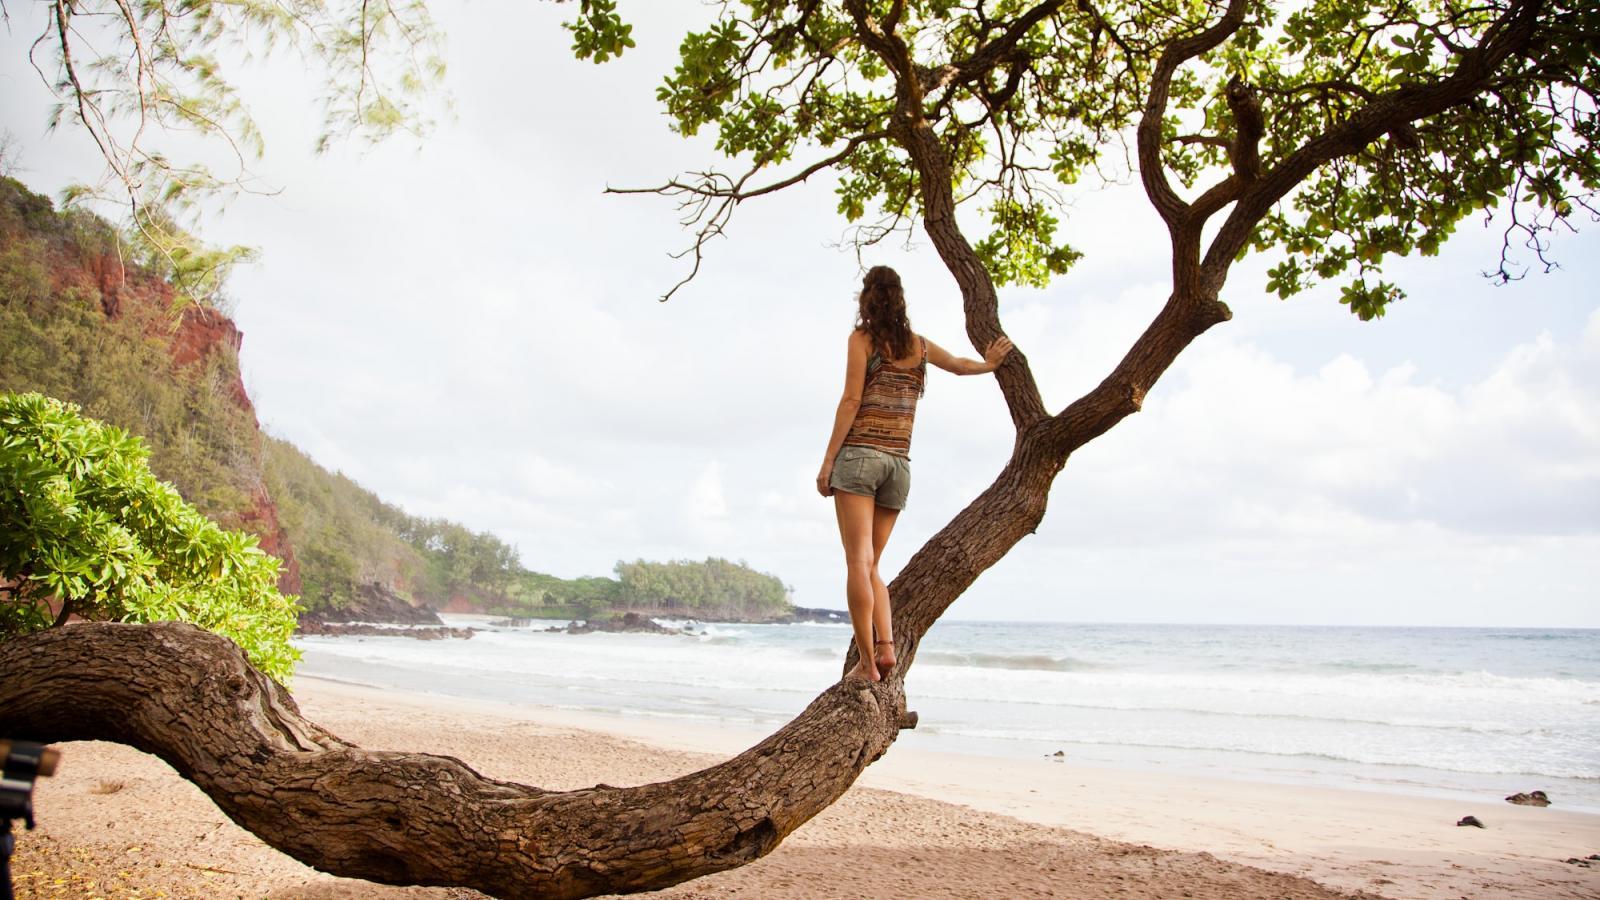 ハワイの島々や地域の気候